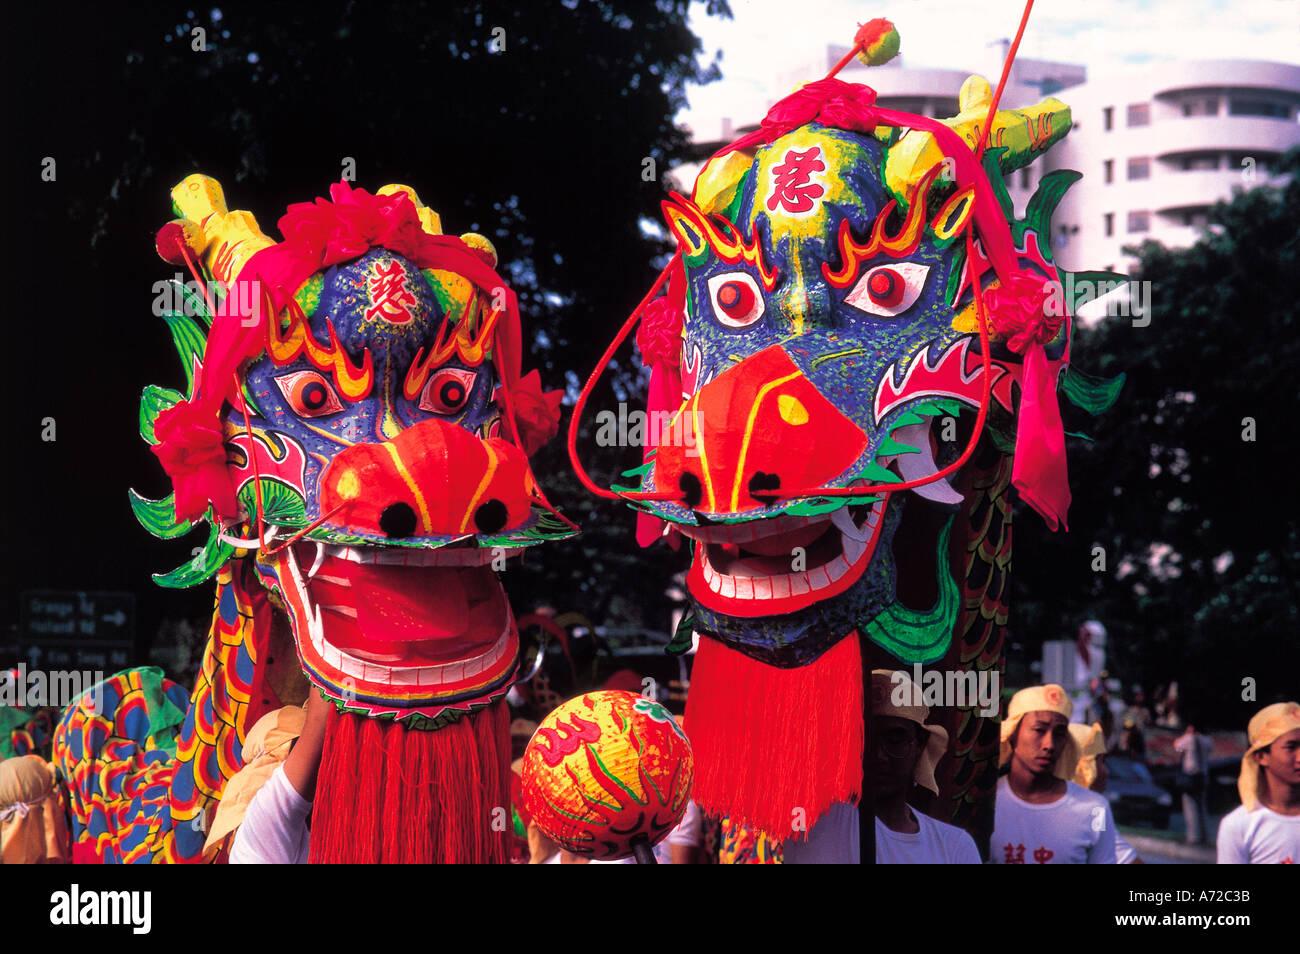 Dragones Chinos Bailando En La Fiesta De Ano Nuevo Chino Desfile